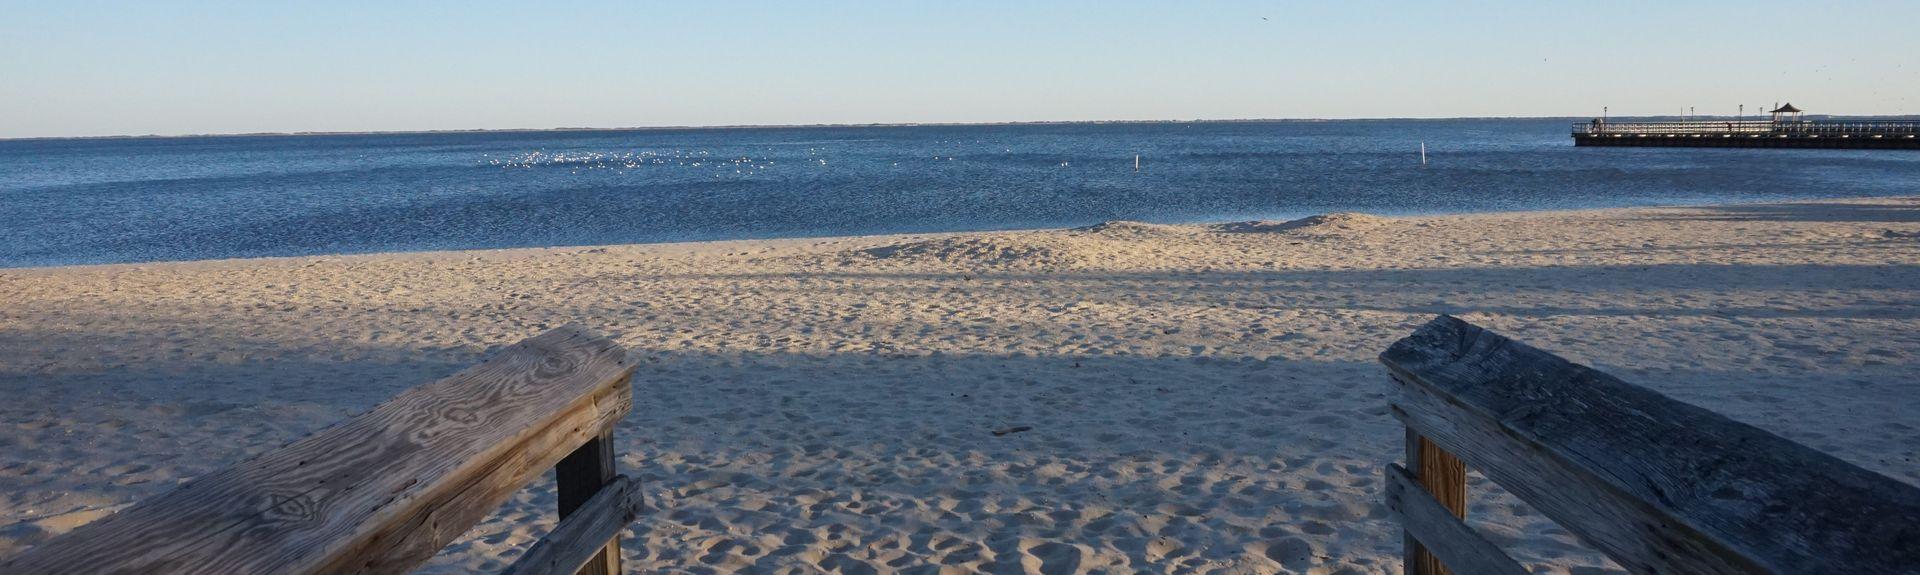 Παραλία του Φάρου, Νησί Fire, Νέα Υόρκη, Ηνωμένες Πολιτείες